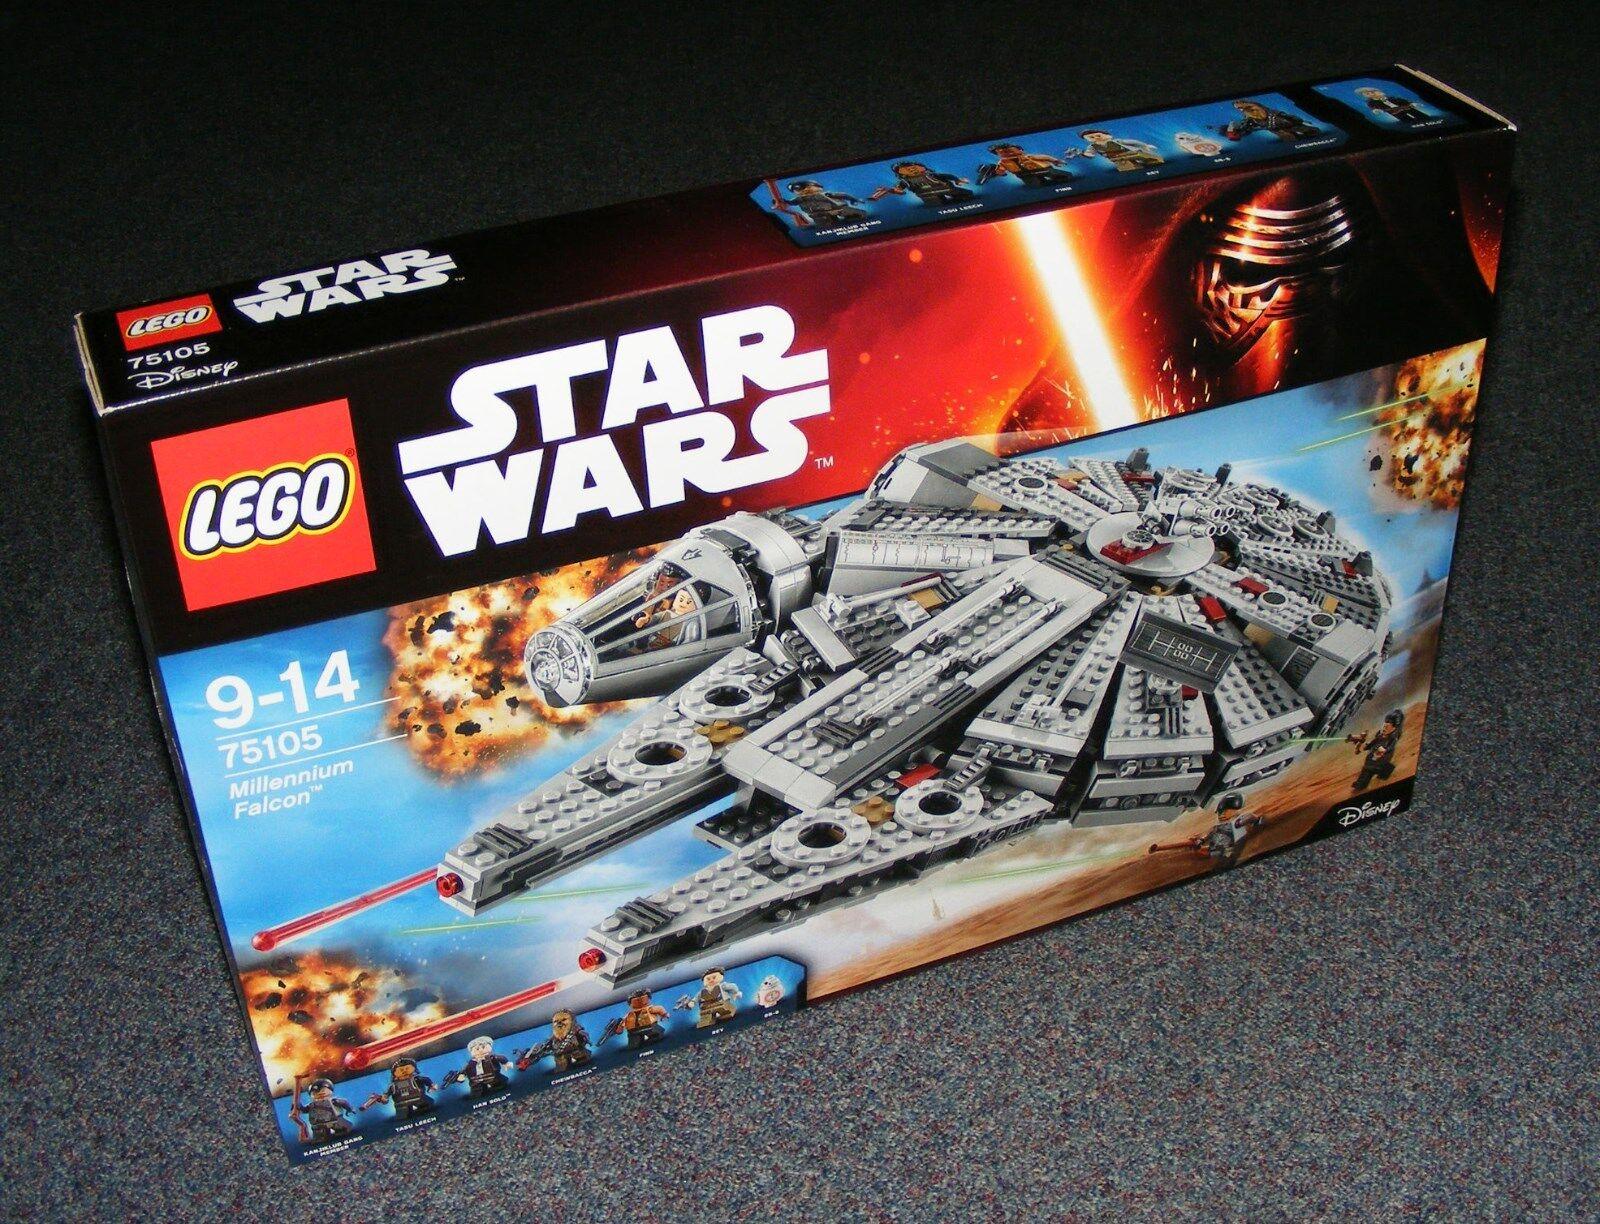 STAR WARS LEGO 75105 Faucon Millenium Neuf Scellé Entièrement neuf dans sa boîte